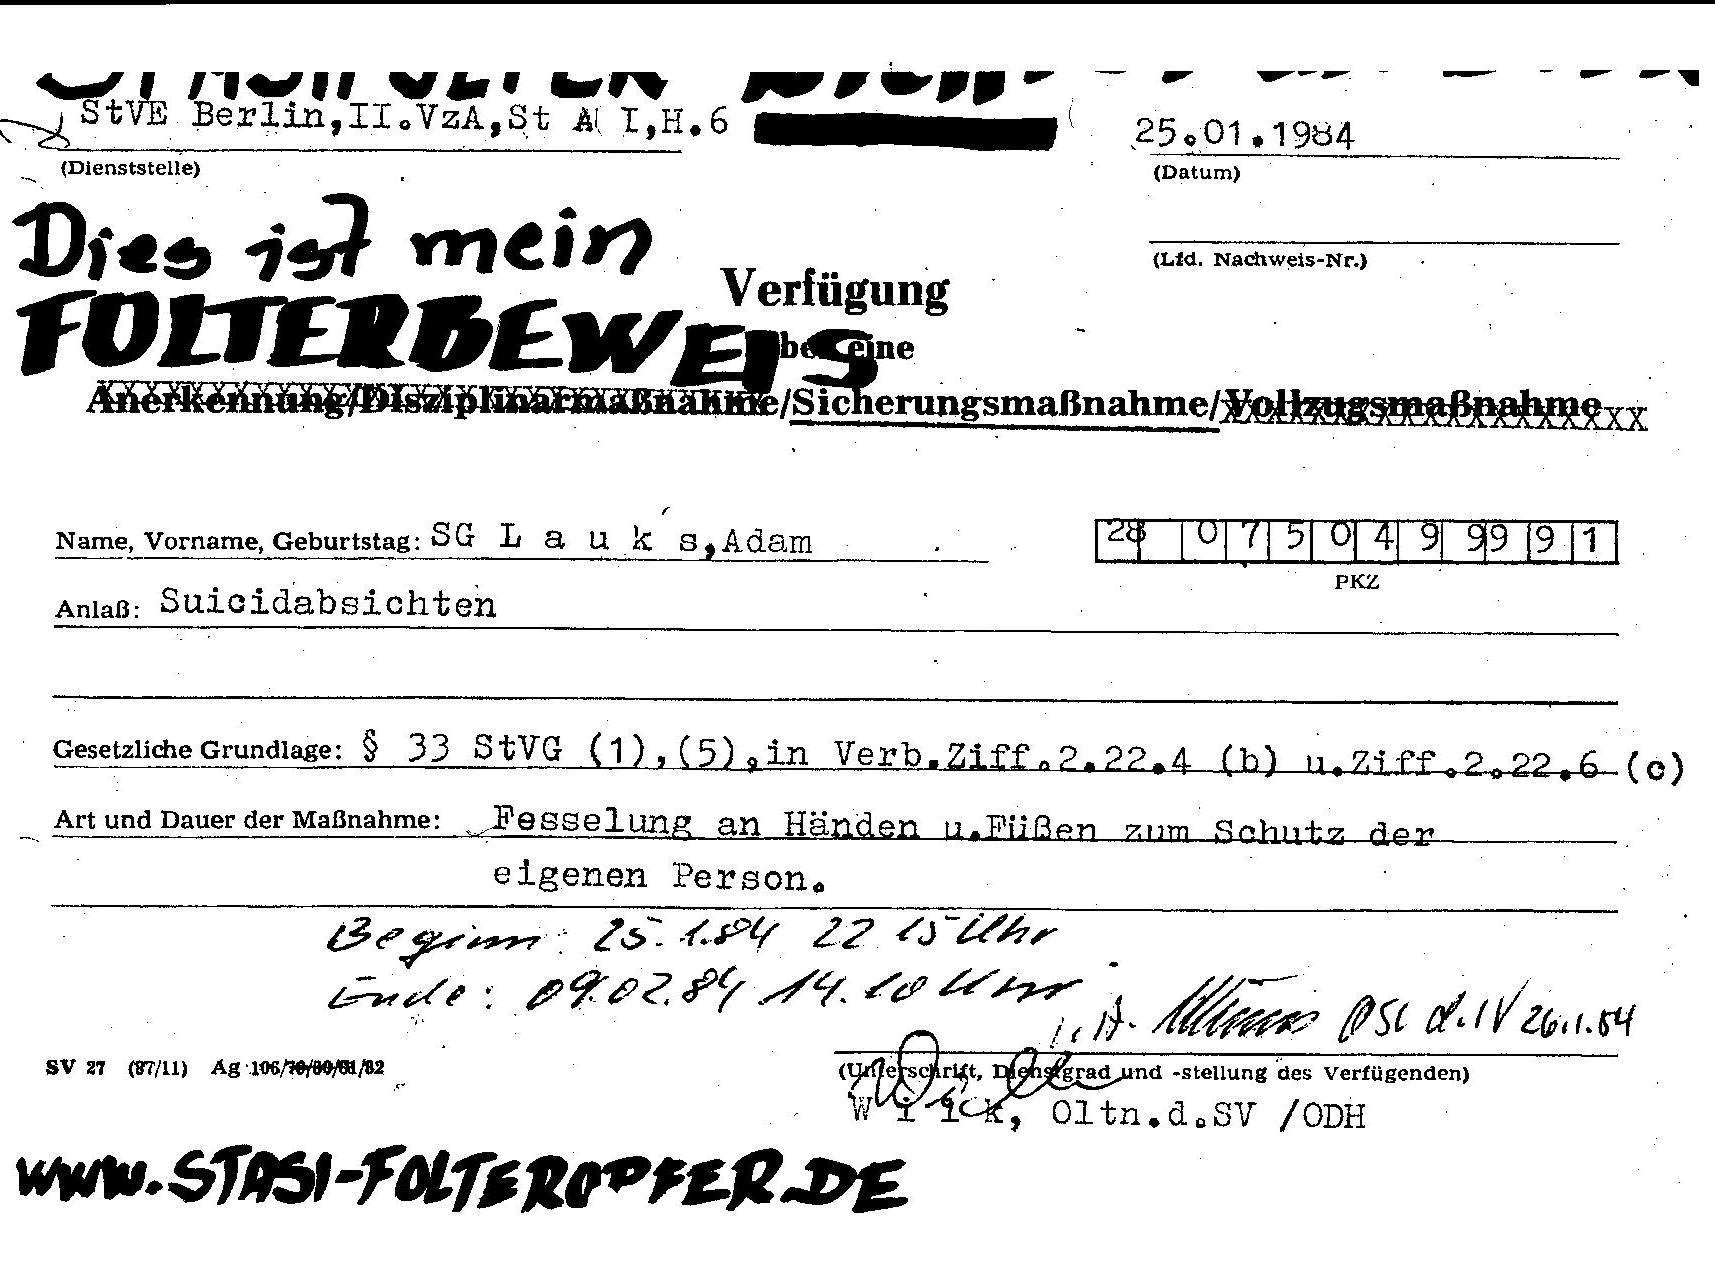 Ermittlungsverfahren auf Strafantrag wg. Folter 272 Js 2215 -11 001